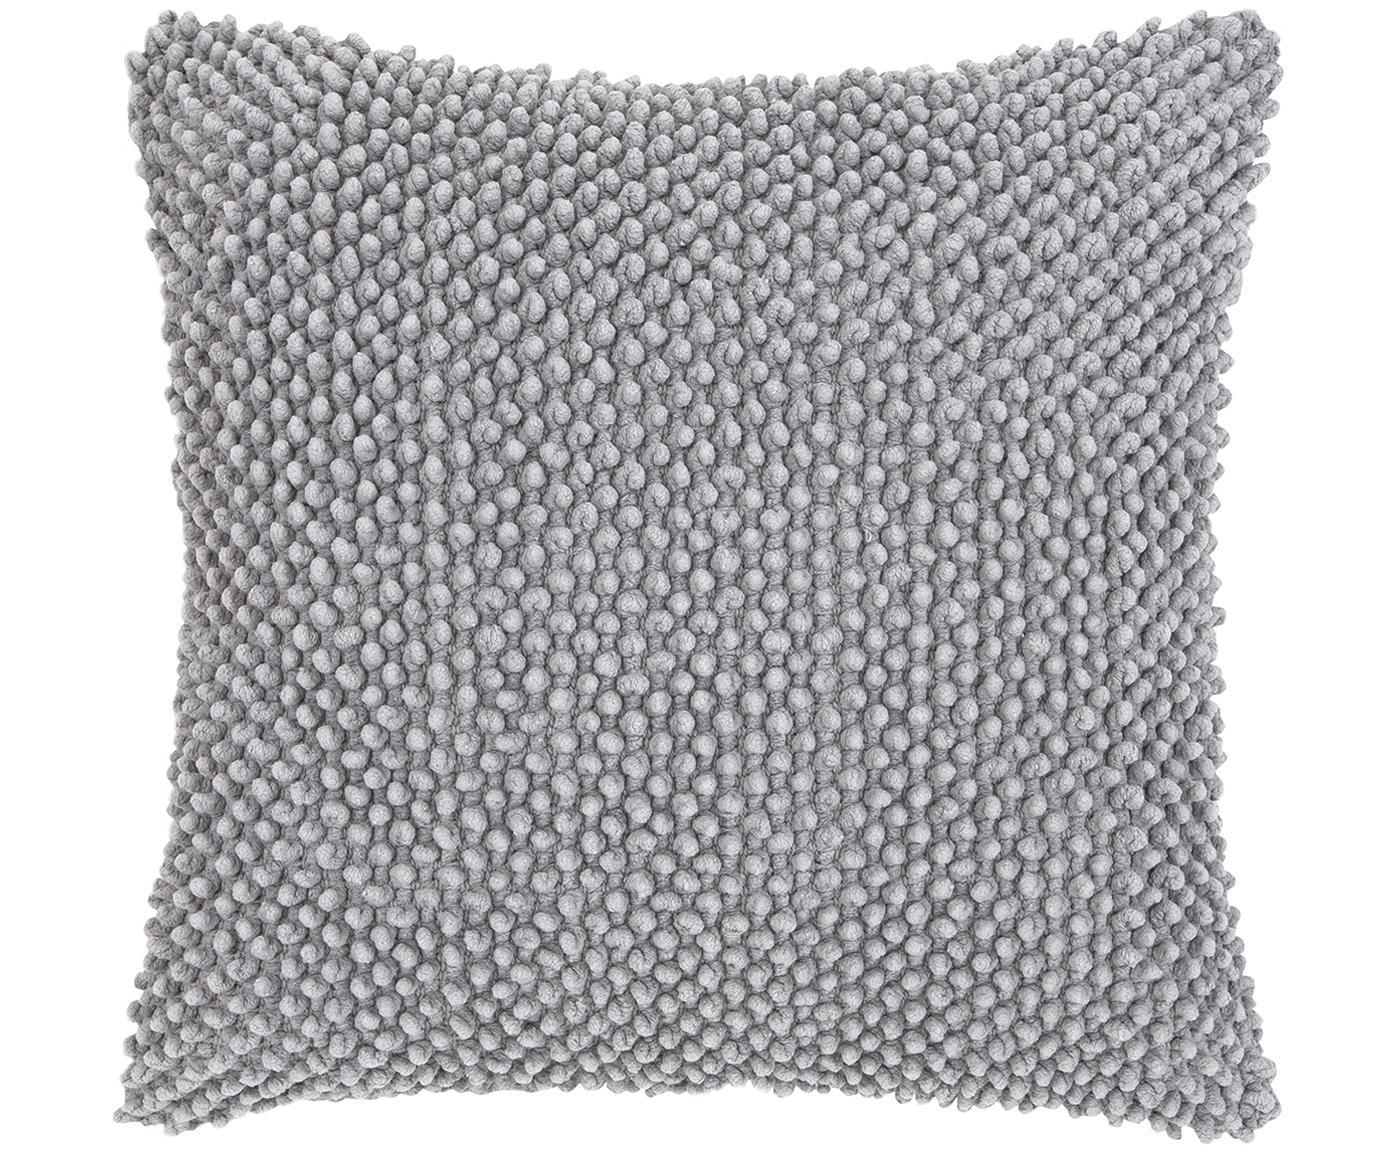 Kissenhülle Indi mit strukturierter Oberfläche, 100% Baumwolle, Hellgrau, 45 x 45 cm